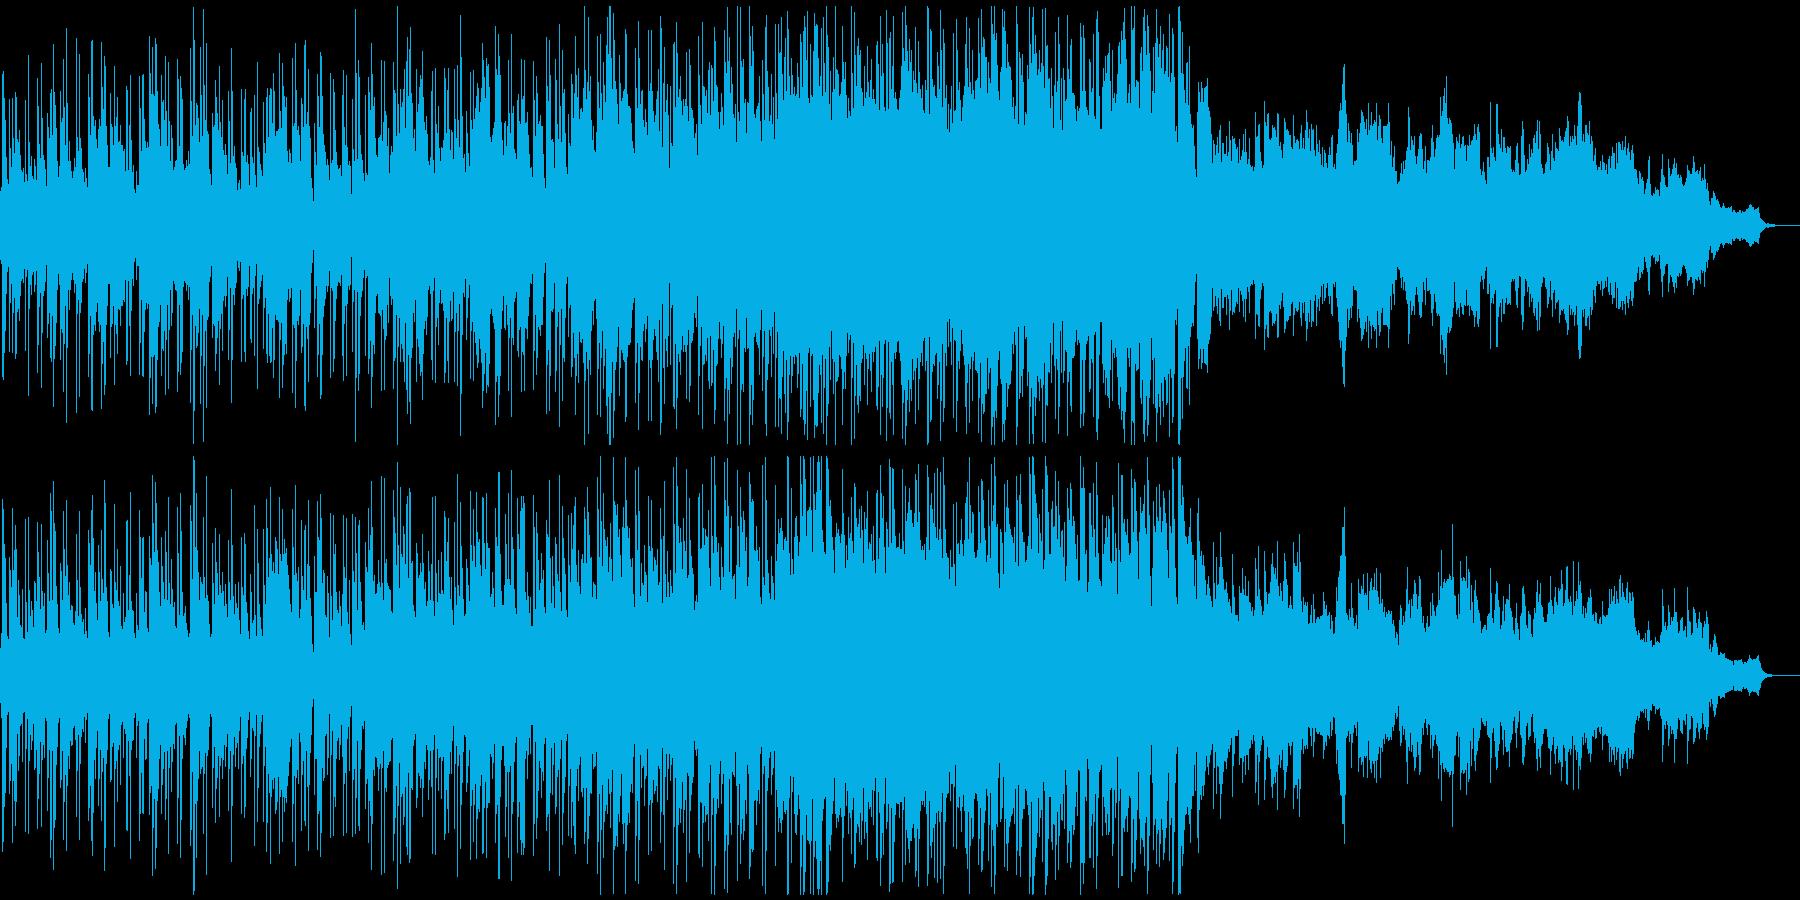 オシャレでゴージャスなボサノバ風BGMの再生済みの波形